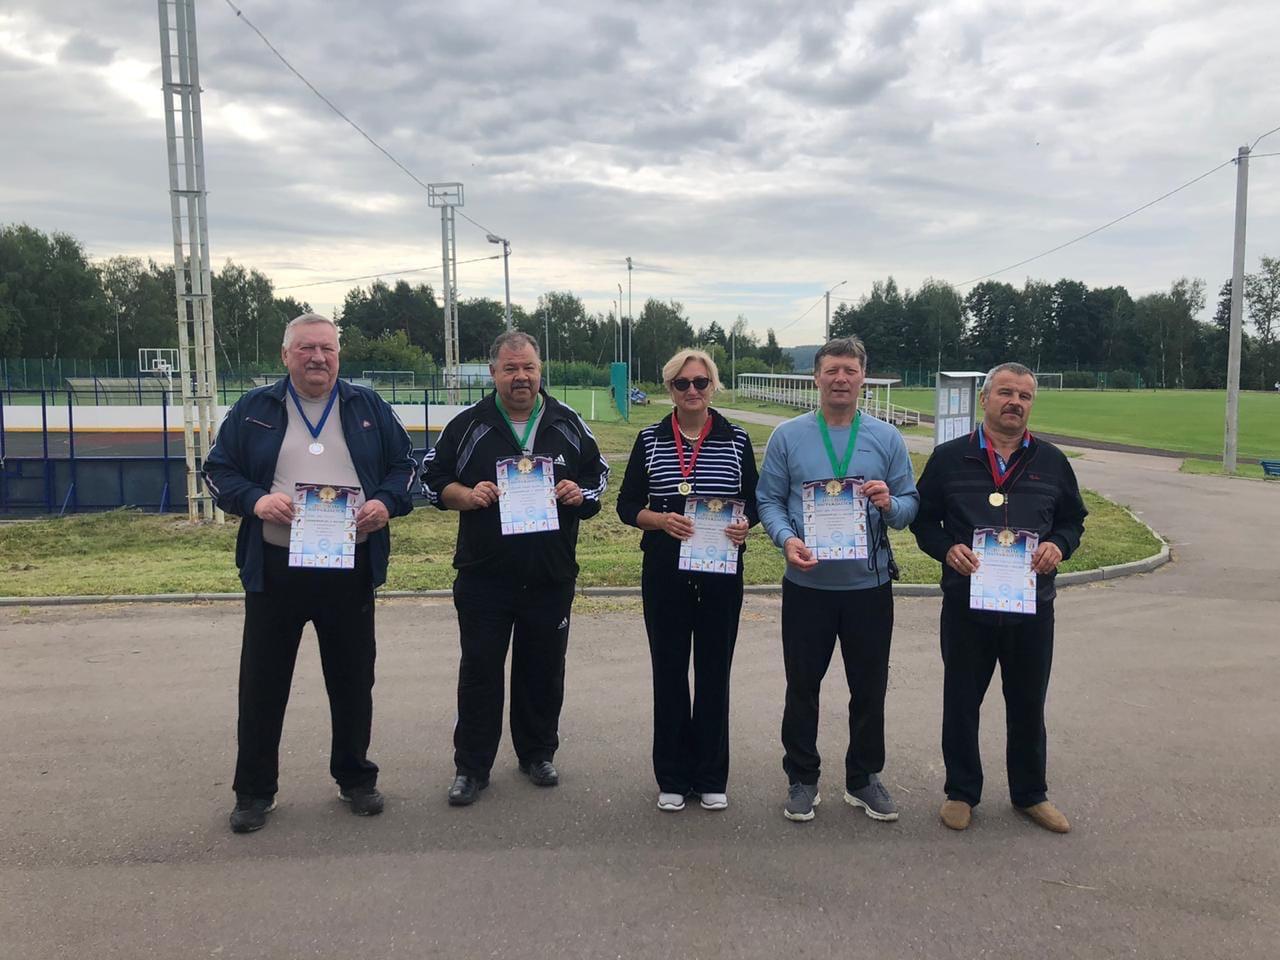 15 августа на Стадионе им. А.Гринина прошли Соревнования по дартсу, посвящённые Дню города #Озеры95.